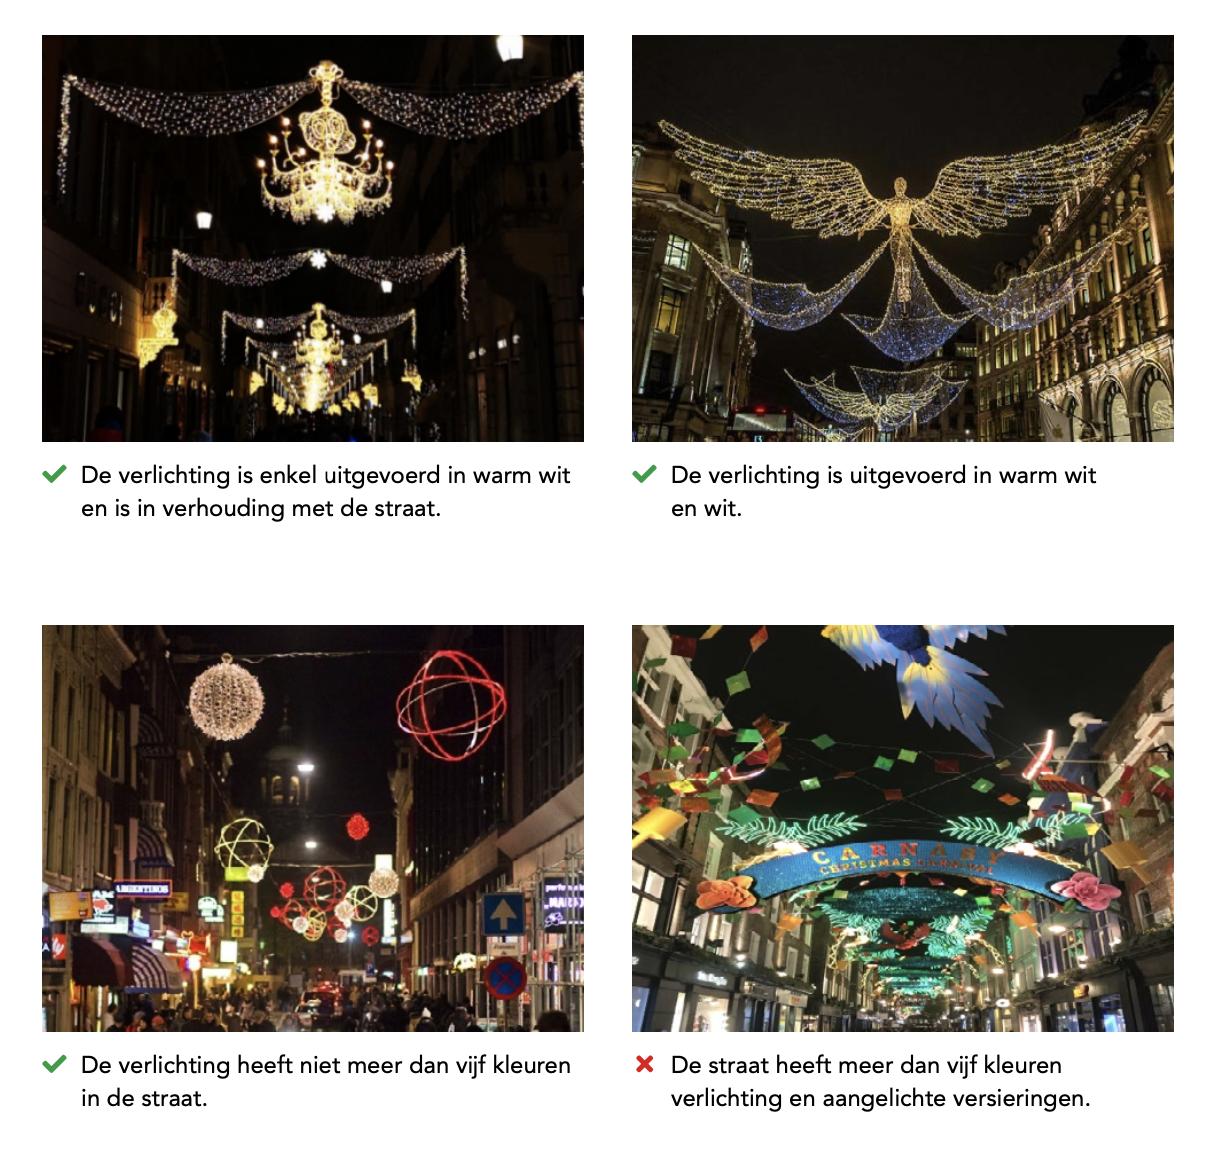 Лише LED ліхтарики: в Амстердамі ввели нові правила різдвяного декорування міста